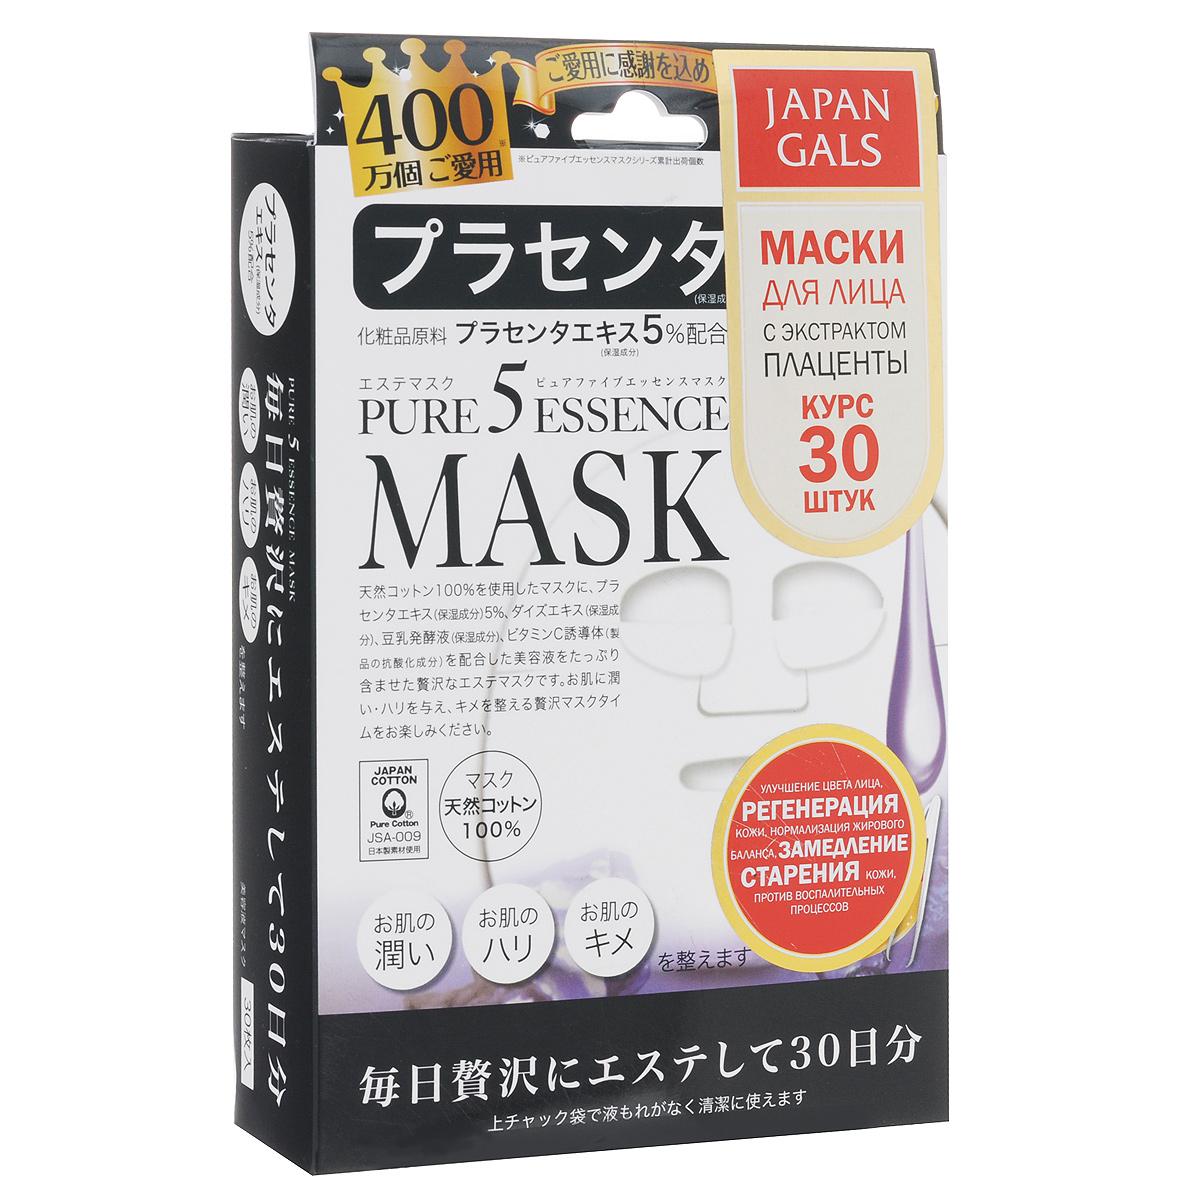 Japan Gals Маска для лица Pure5 Essential Placenta, с экстрактом плаценты, 30 шт29AM21,6587В экстракте плаценты содержится огромное количество элементов, необходимых коже. Обладает отбеливающими свойствами и приостанавливает процесс старения. Один из главных компонентов антивозрастной косметики. Также в состав входит экстракт сои, ферментированное соевое молоко (увлажнение), витамин С (природный антиоксидант), что делает маску по-настоящему люксовым средством для ухода за кожей. Маска глубоко увлажняет, возвращает упругость и выравнивает текстуру кожи. Экстракт плаценты — уникальный природный комплекс, содержащий белки, нуклеиновые кислоты, полисахариды, липиды, ферменты, аминокислоты, ненасыщенные жирные кислоты, витамины и микроэлементы. Благодаря экстракту плаценты стимулируется периферический кровоток. Это позволяет улучшить кровоснабжение кожи, из нее выводятся токсины, активизируется клеточное дыхание, улучшается метаболизм. Экстракт плаценты позволяет поднять меланин из глубоких слоев на поверхность кожи, откуда он удаляется при отшелушивании...